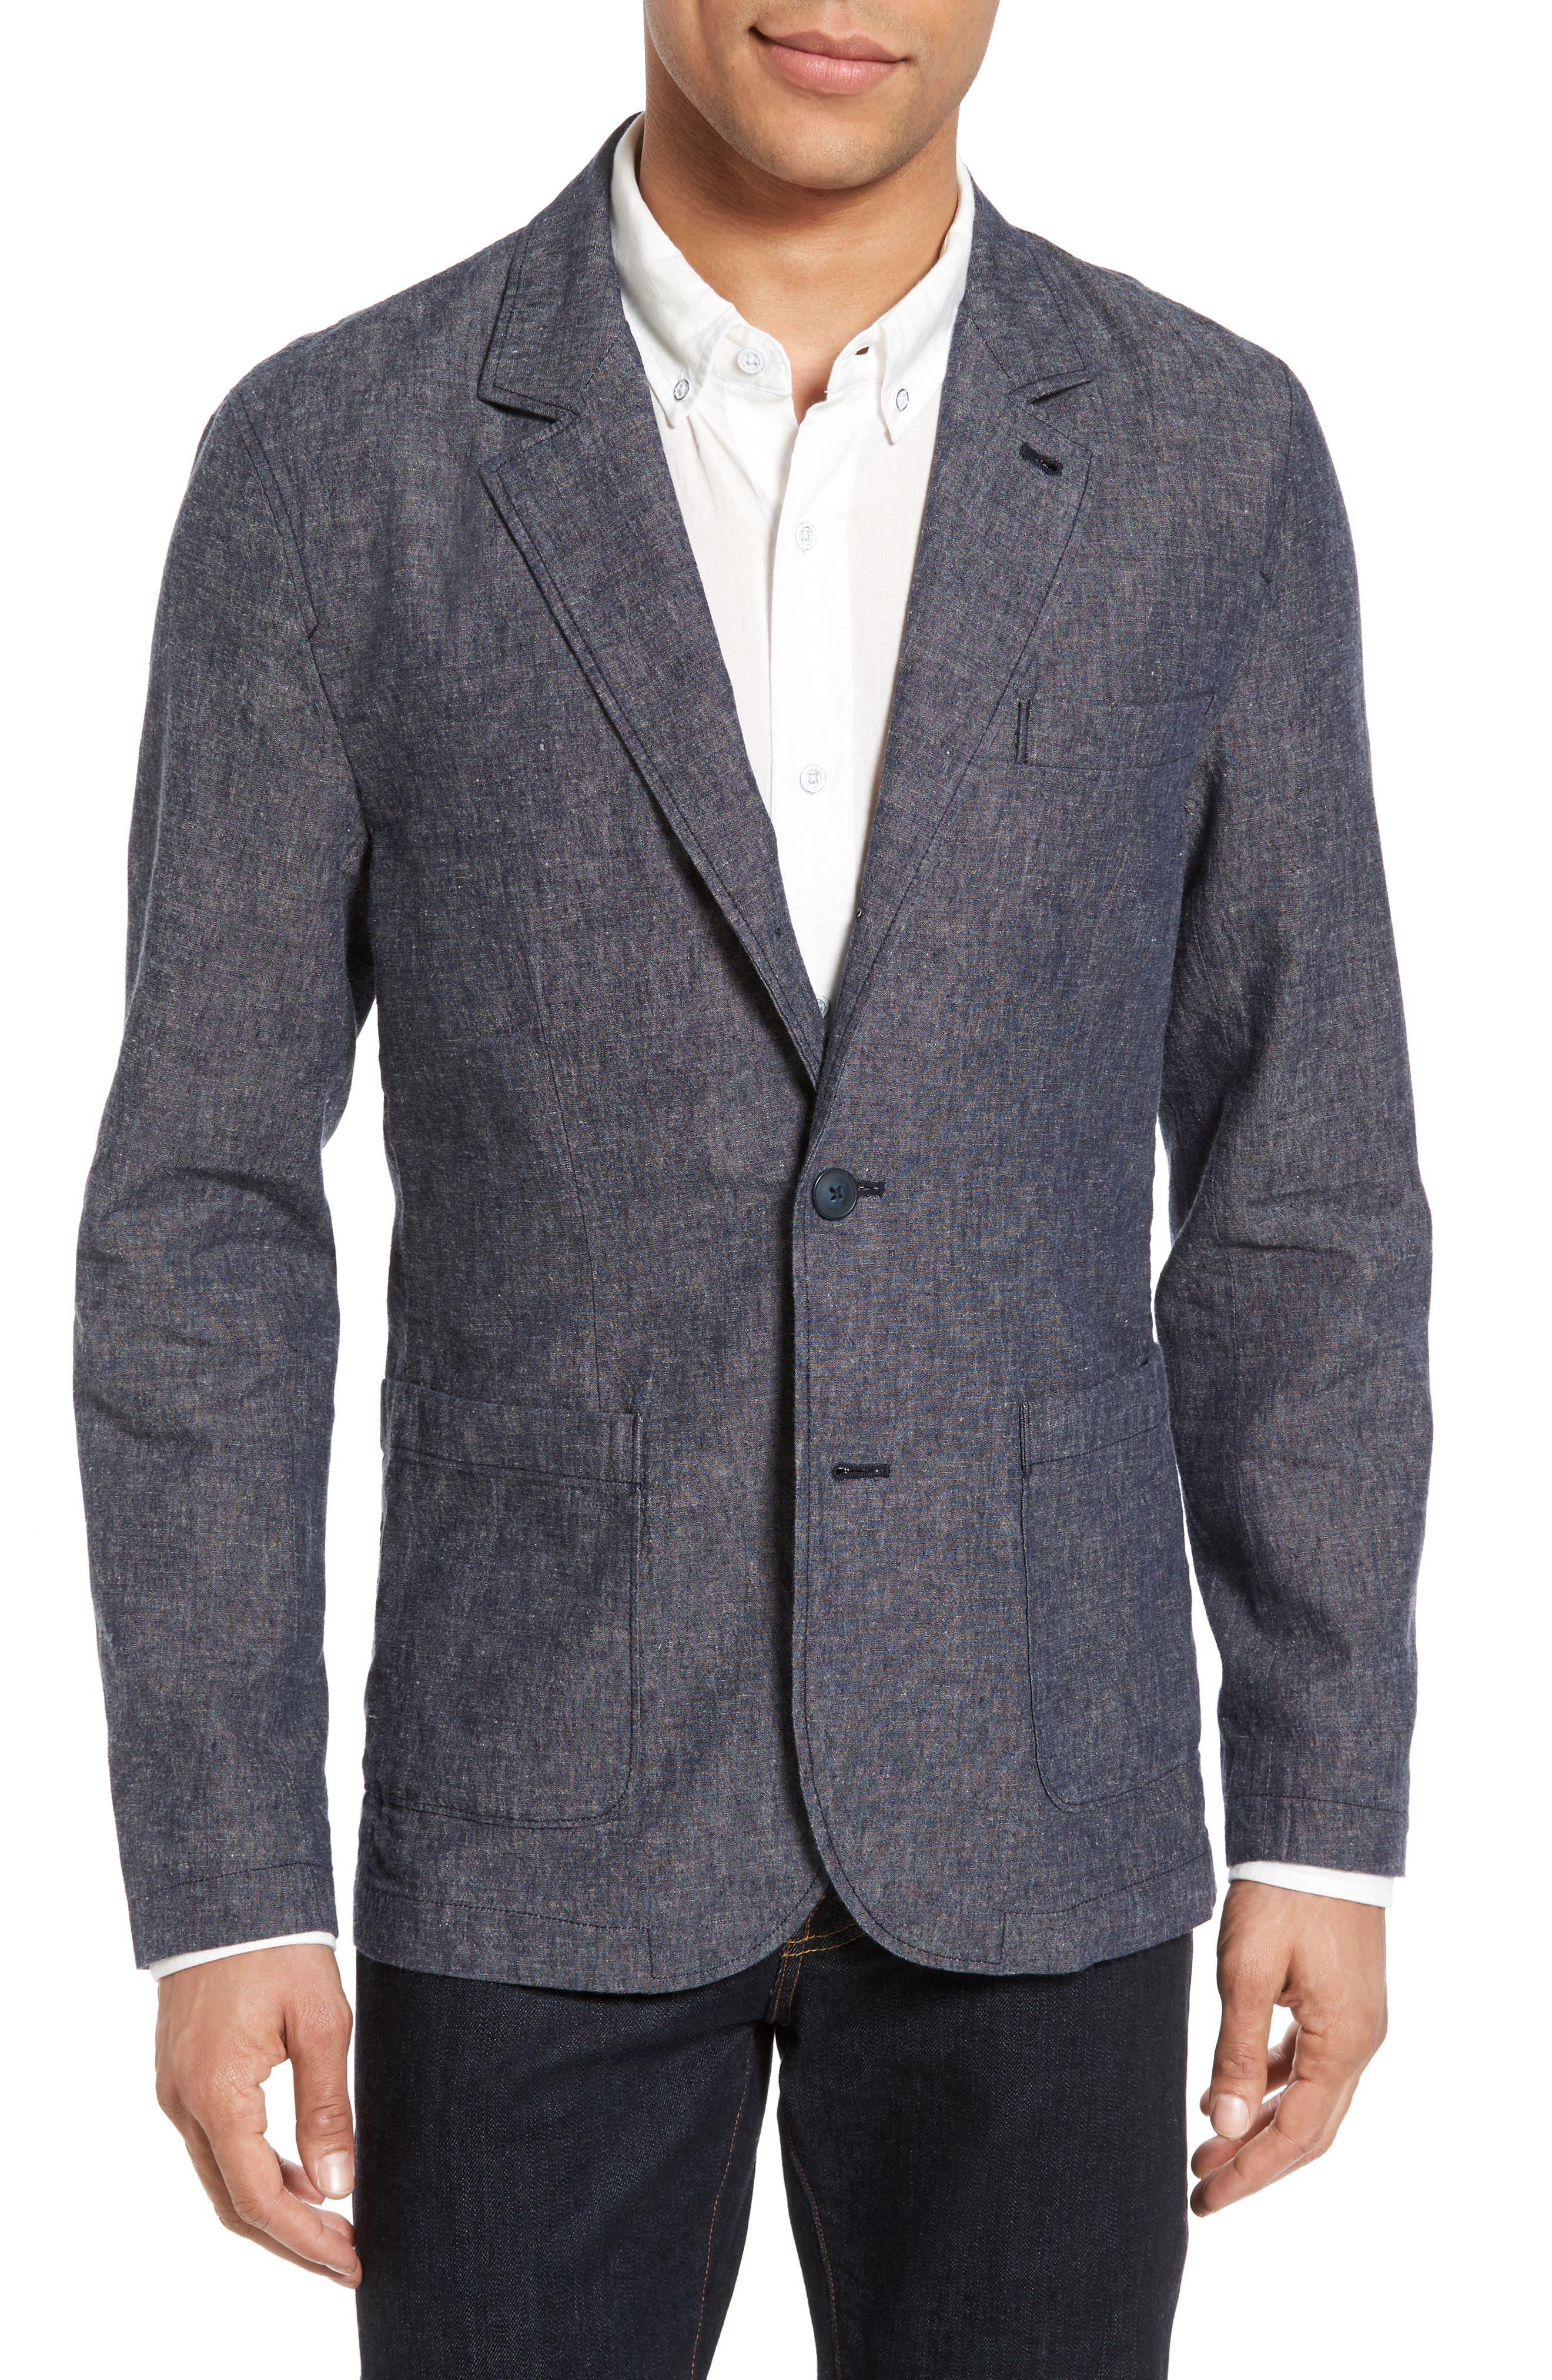 AG Trunnel Slim Fit Linen Blend Blazer